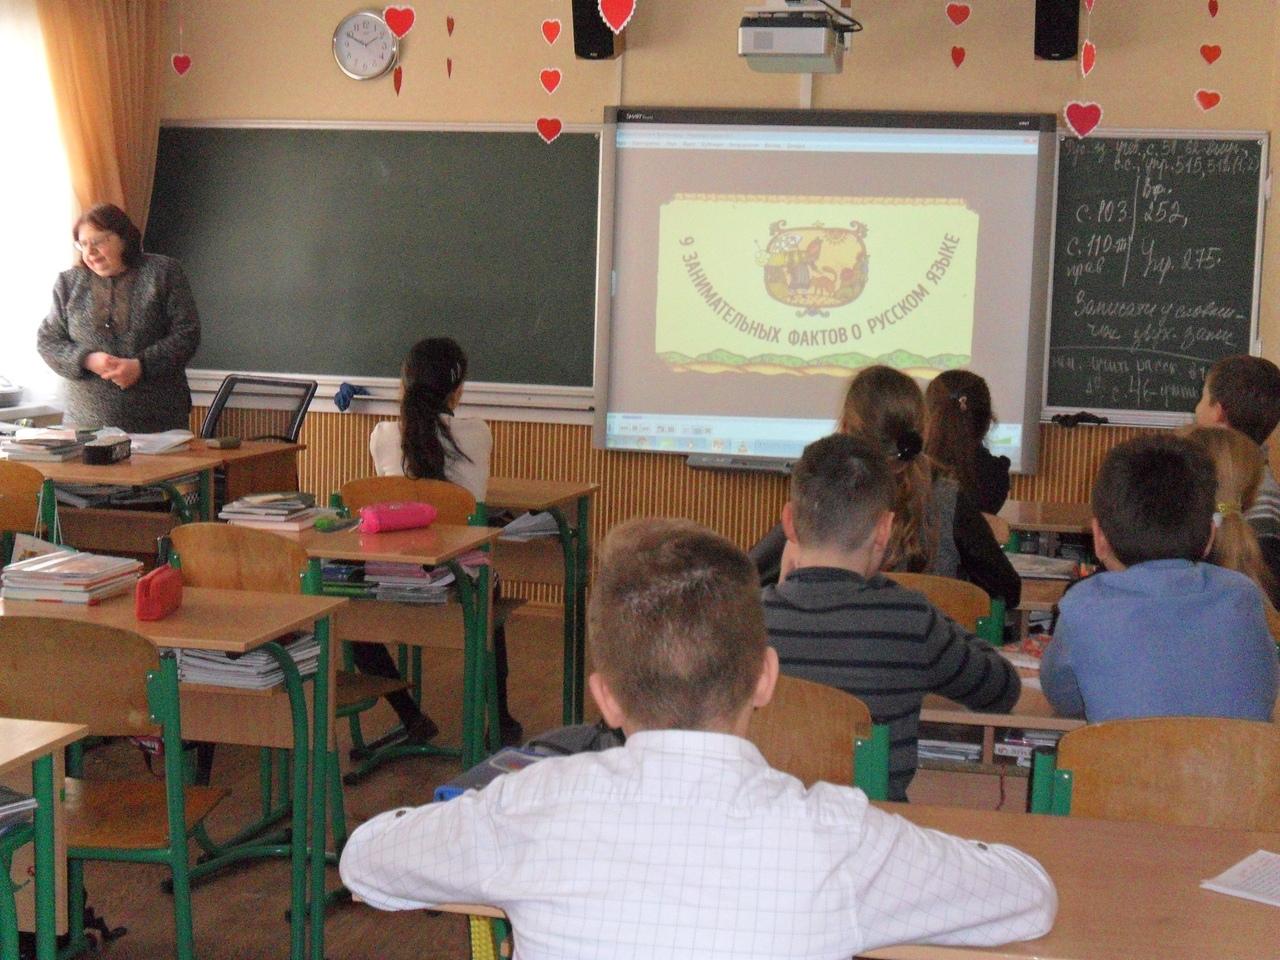 день родного языка, патриотическое воспитание детей, отдел искусств, Донецкая республиканская библиотека для детей, занятия с детьми